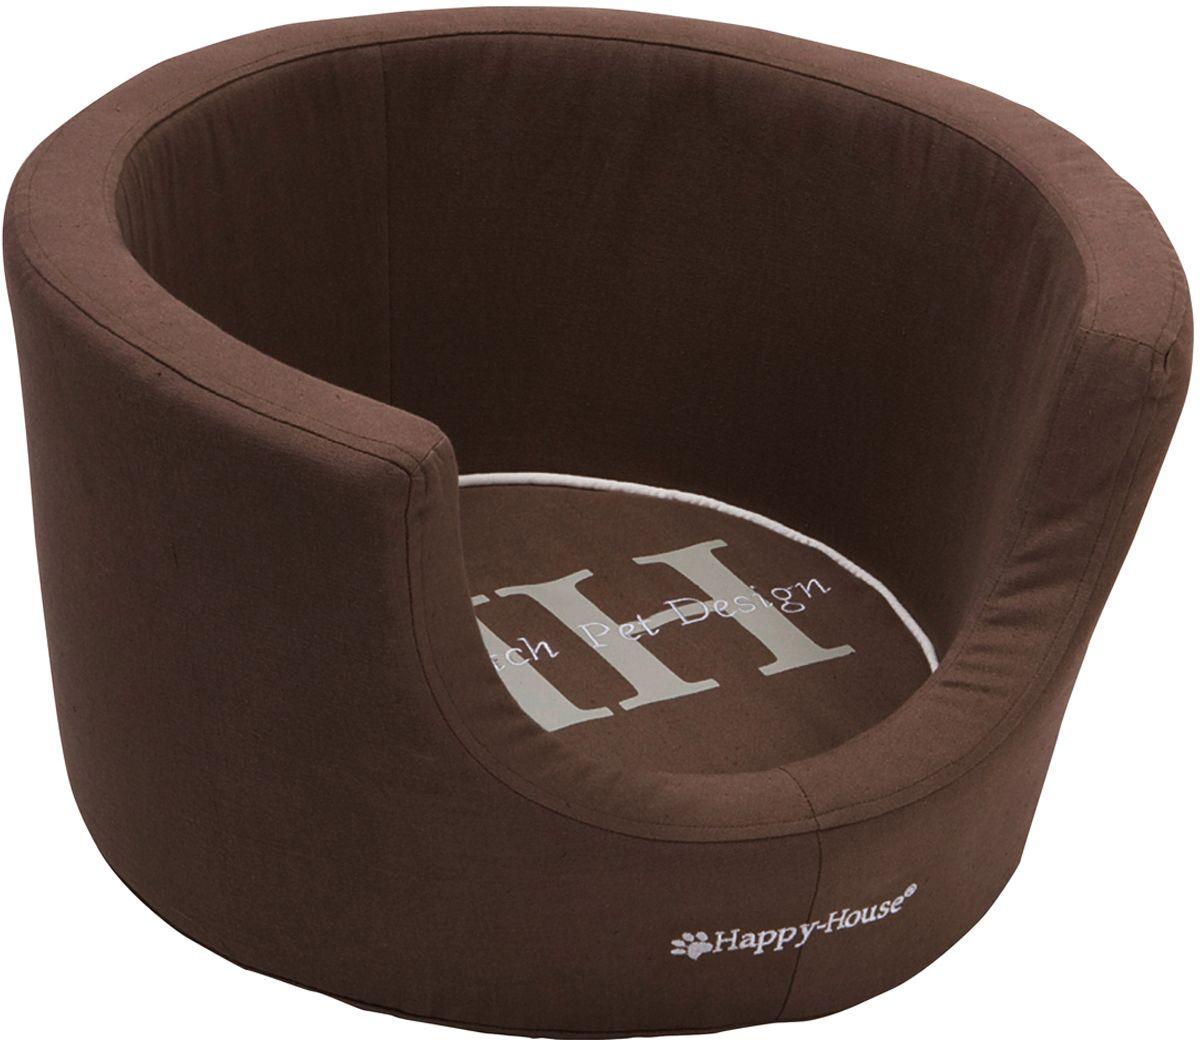 Лежак для животных Happy House Canvas Comfort, цвет: коричневый, 43 х 43 х 25 см лежак для животных happy house sport 115 х 95 х 20 см